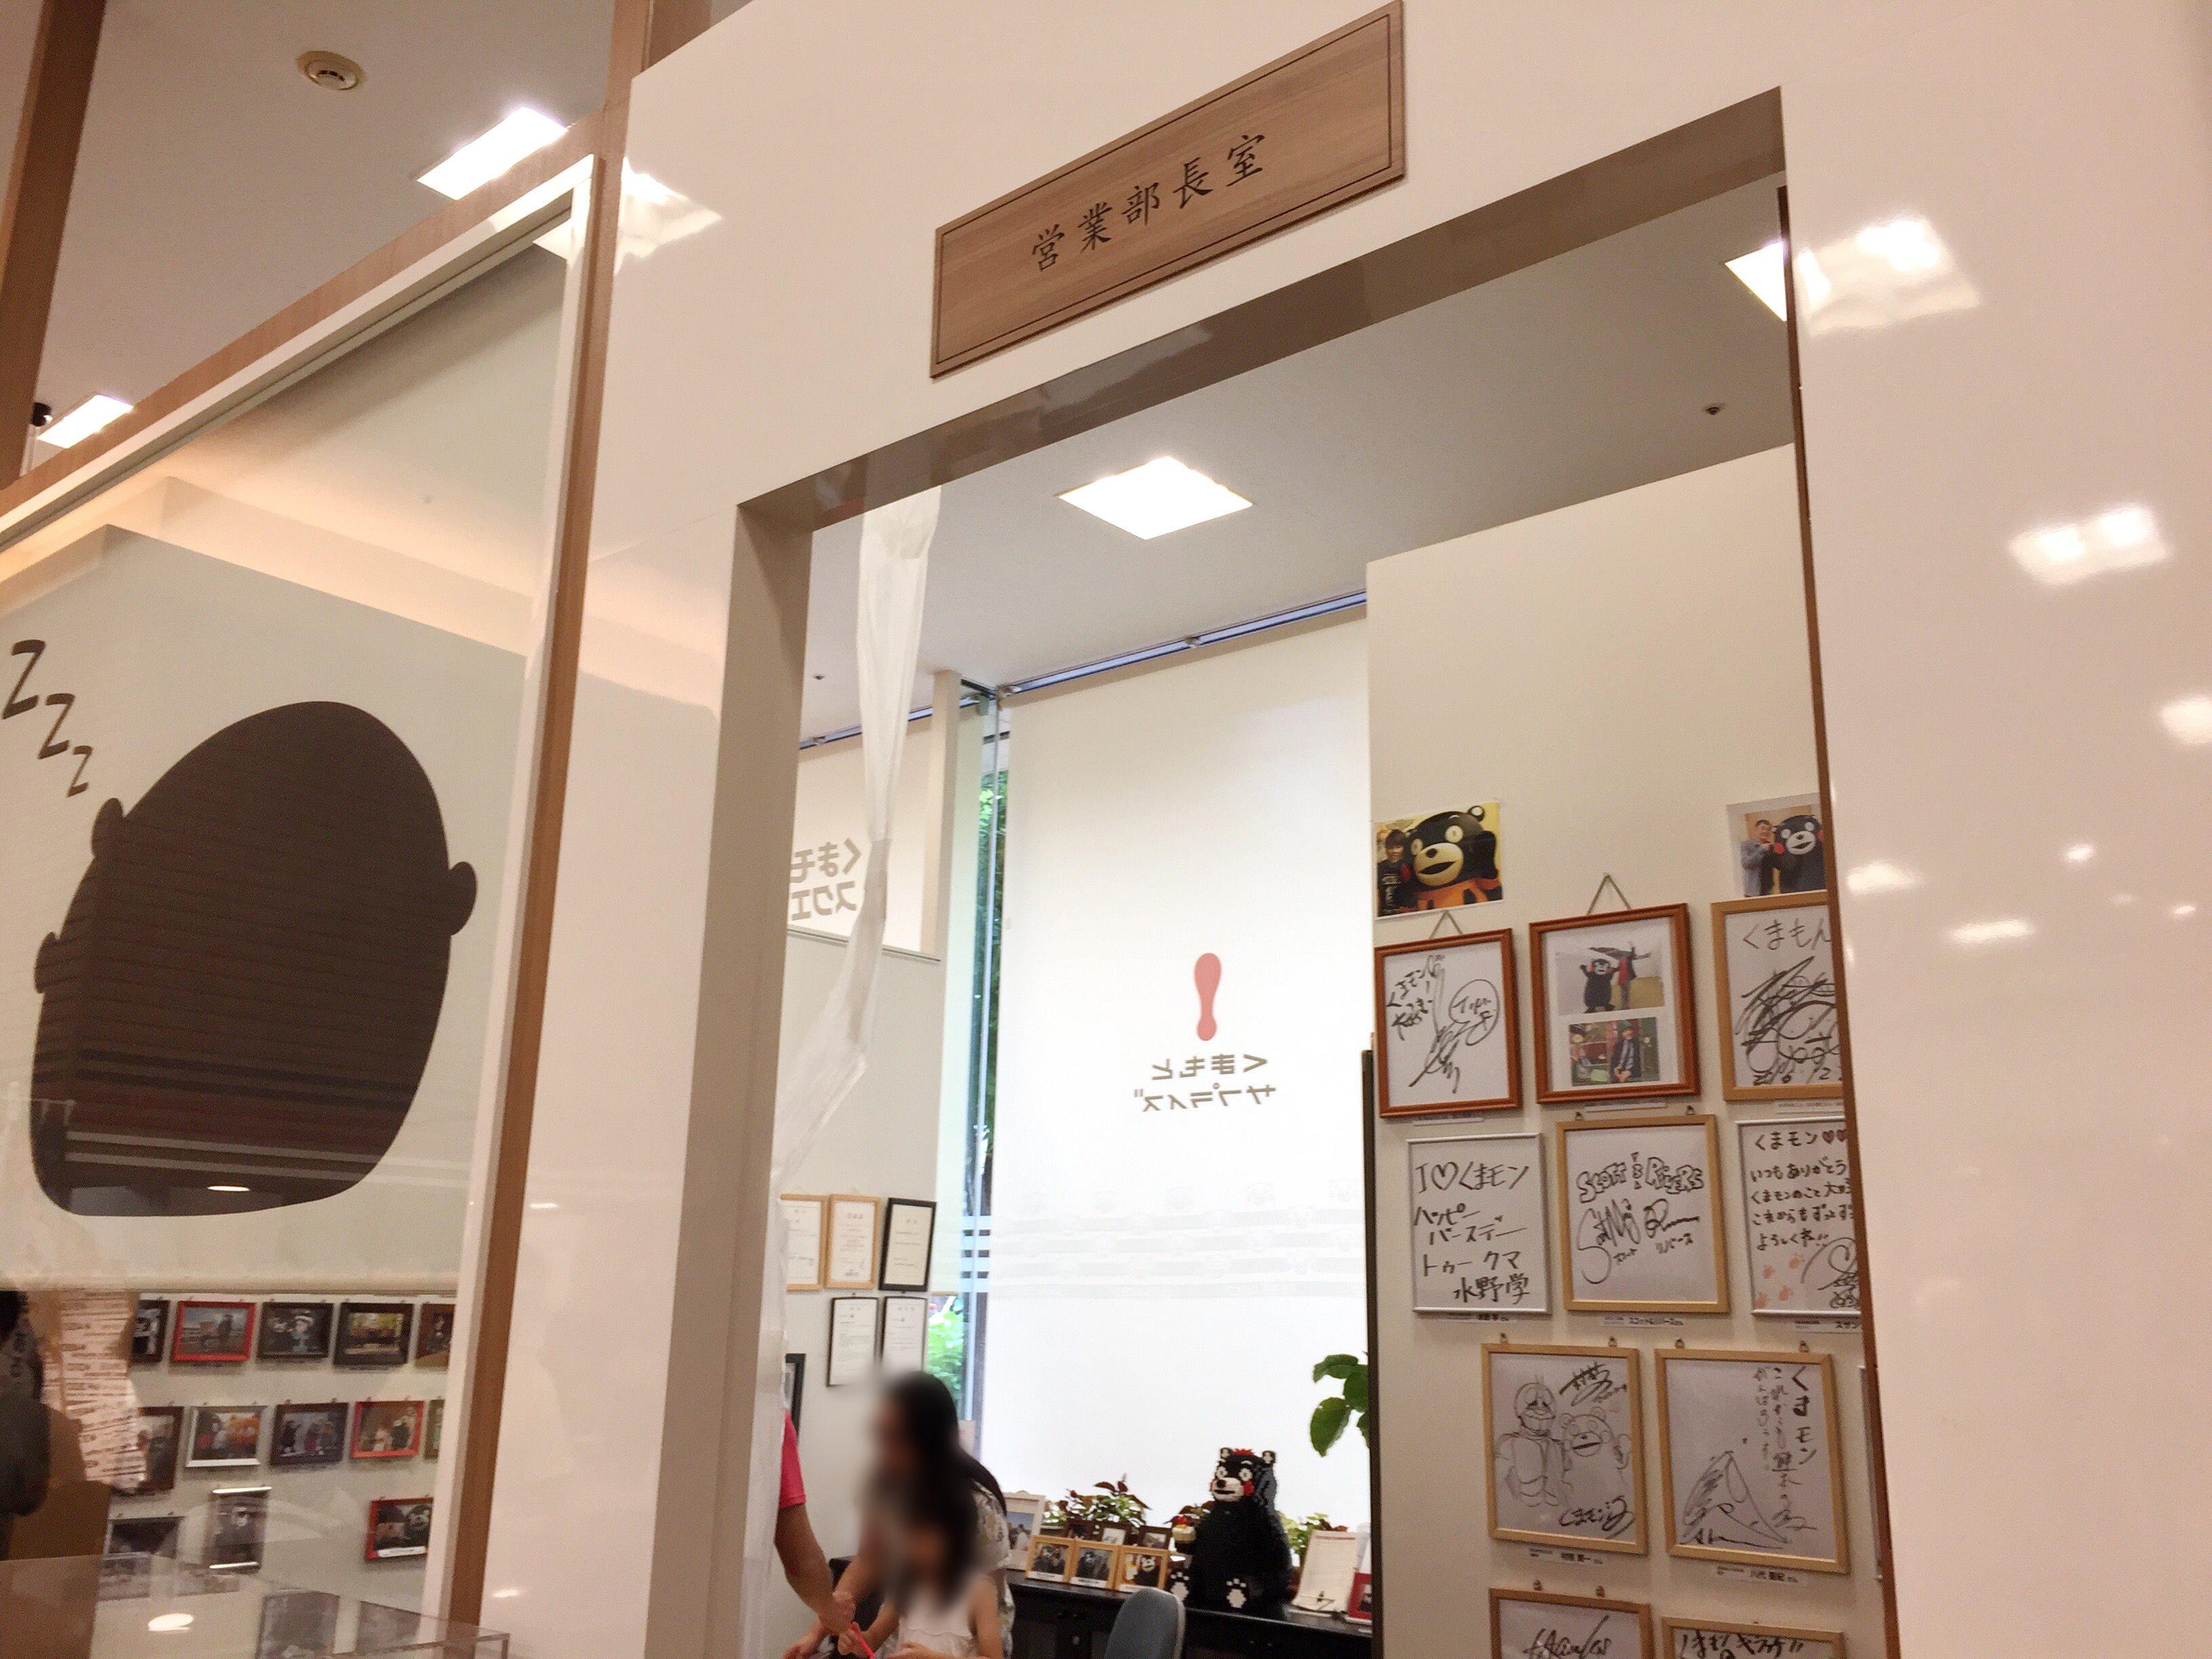 くまモンスクエア 営業部長室